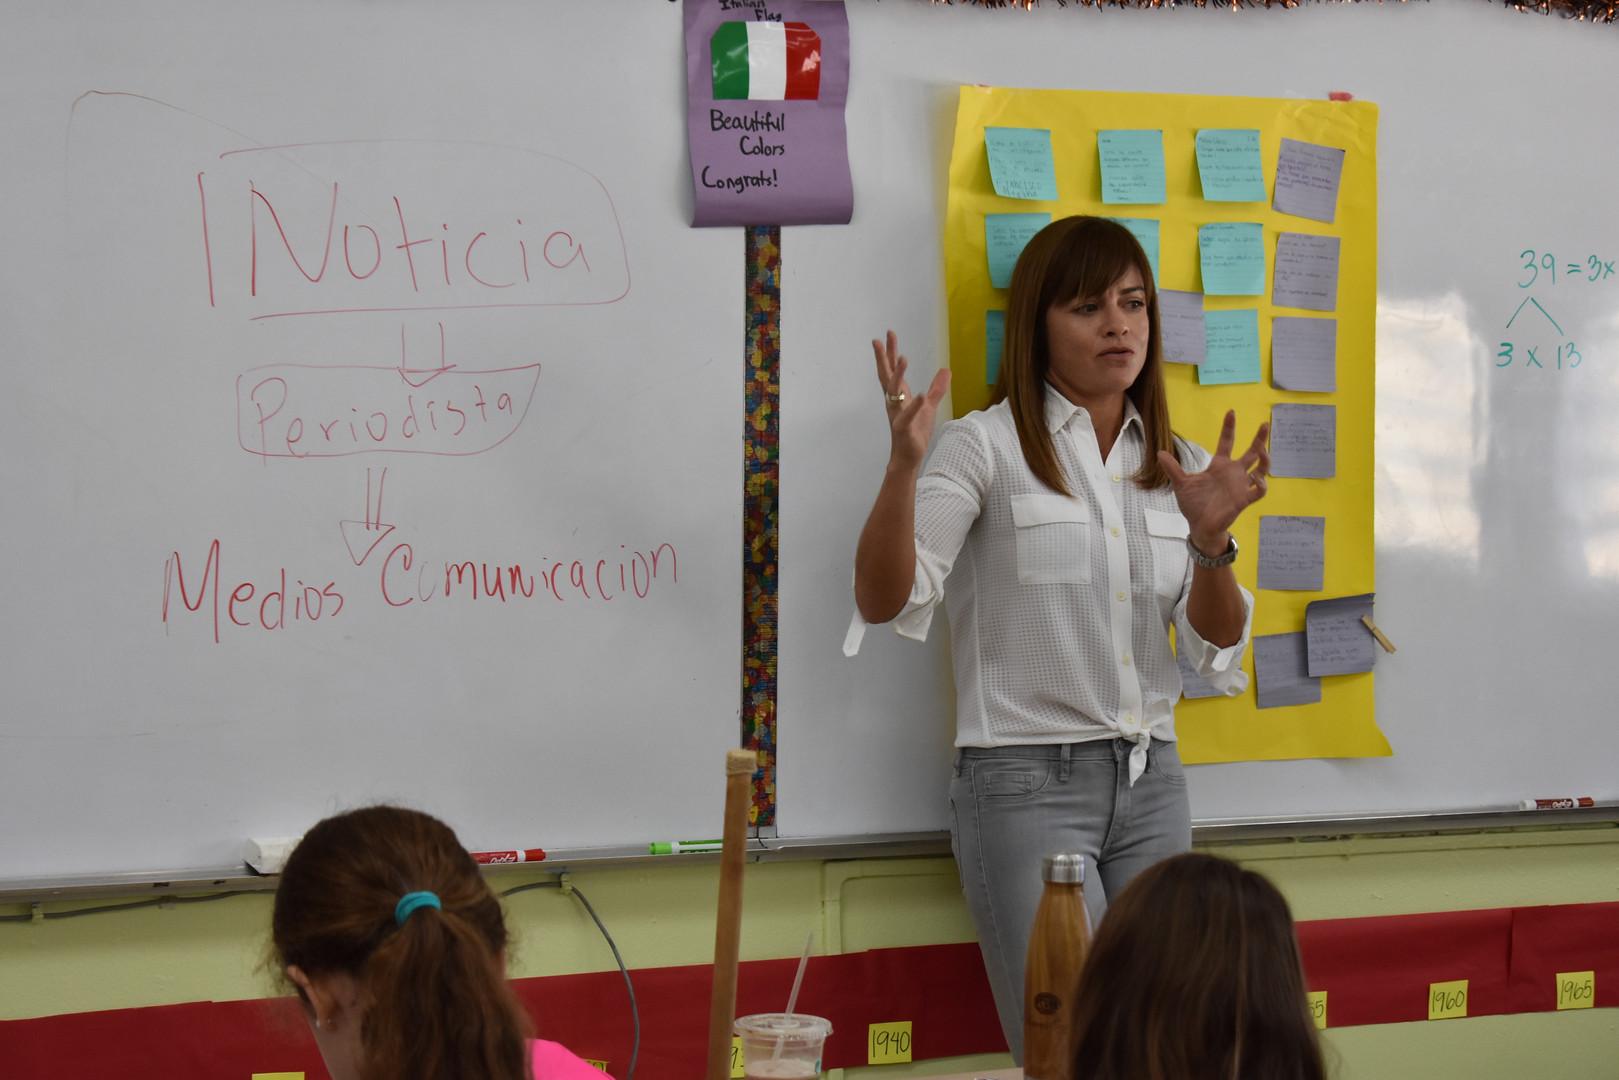 Journalist Layza Torres